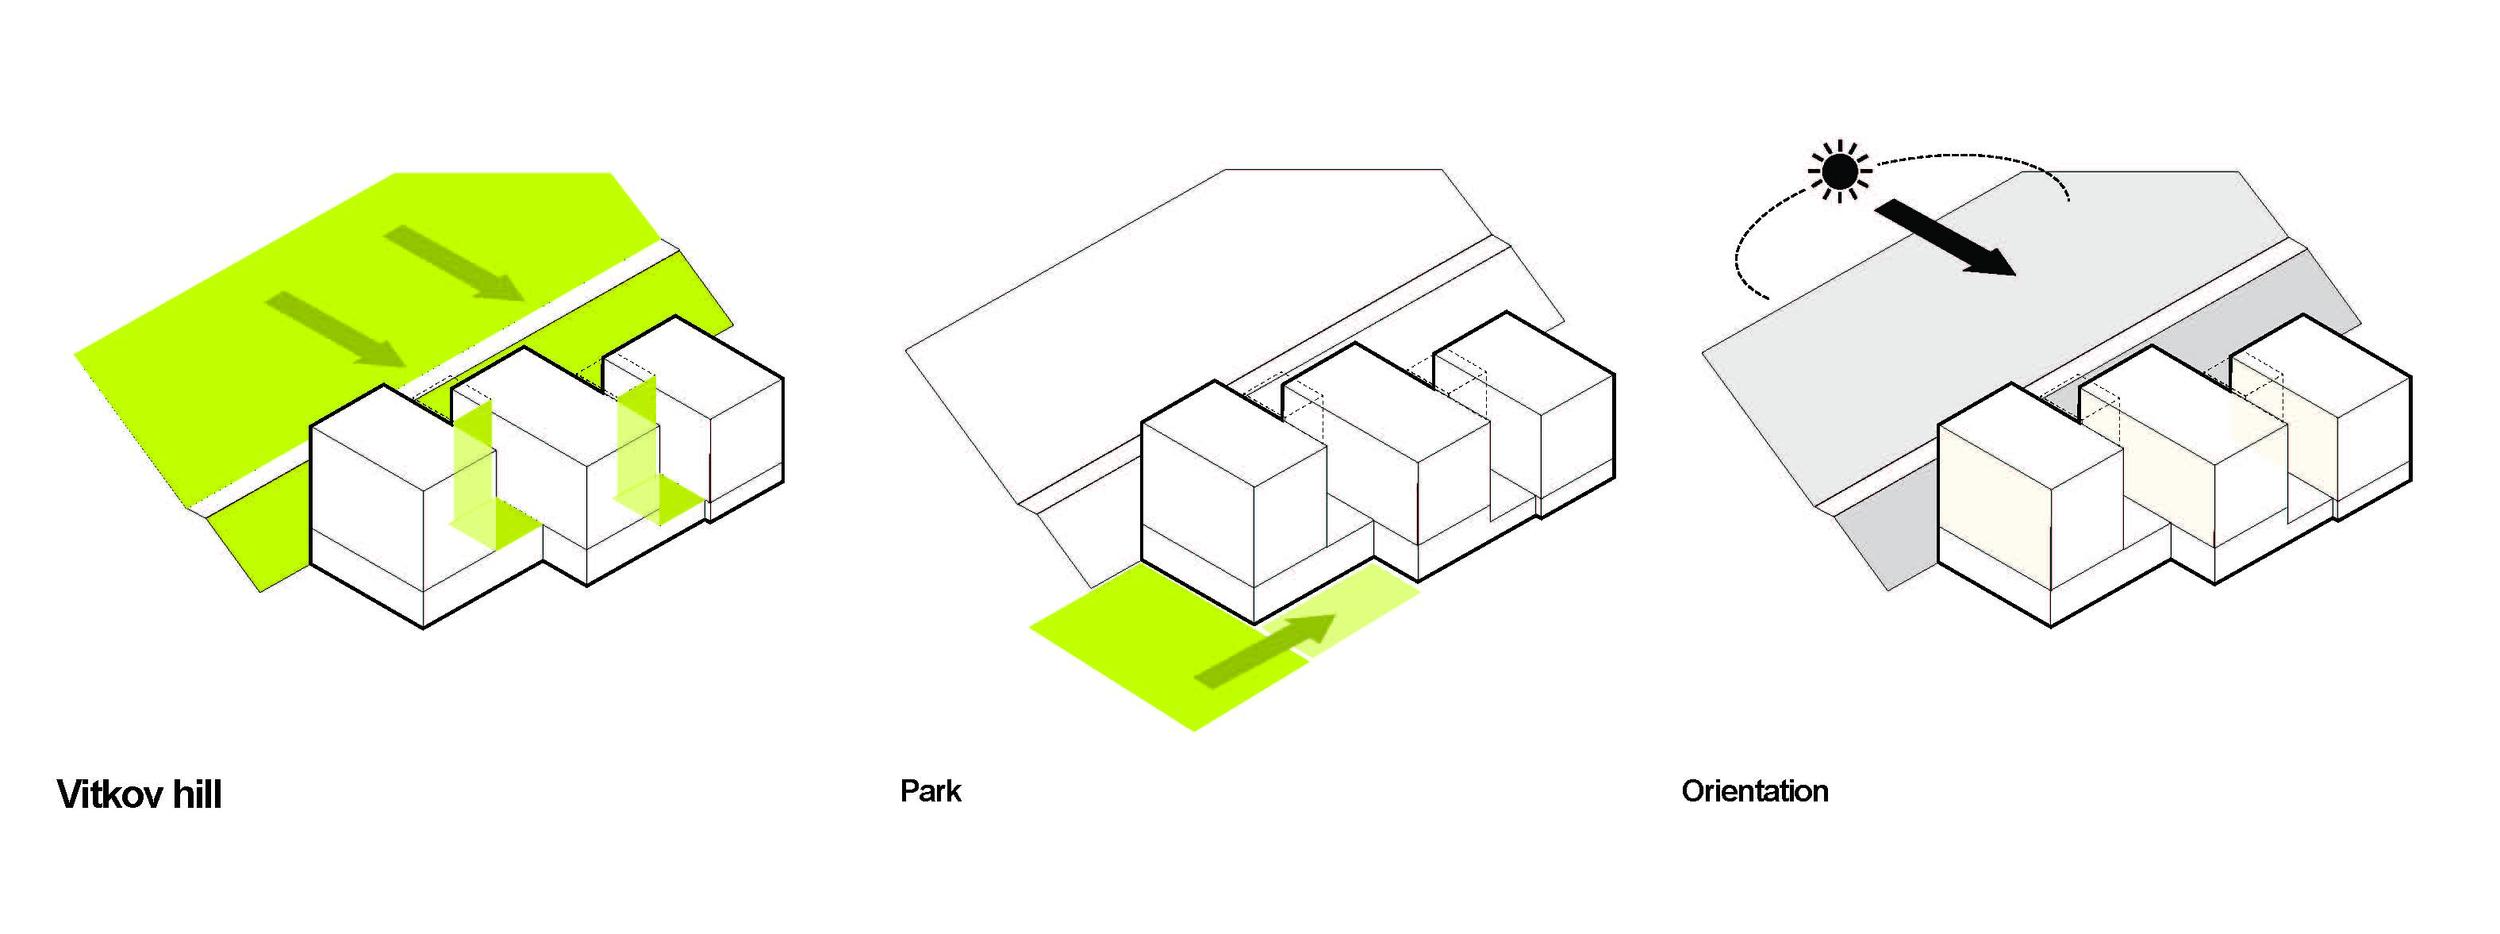 120912_Design development_05__Page_34.jpg